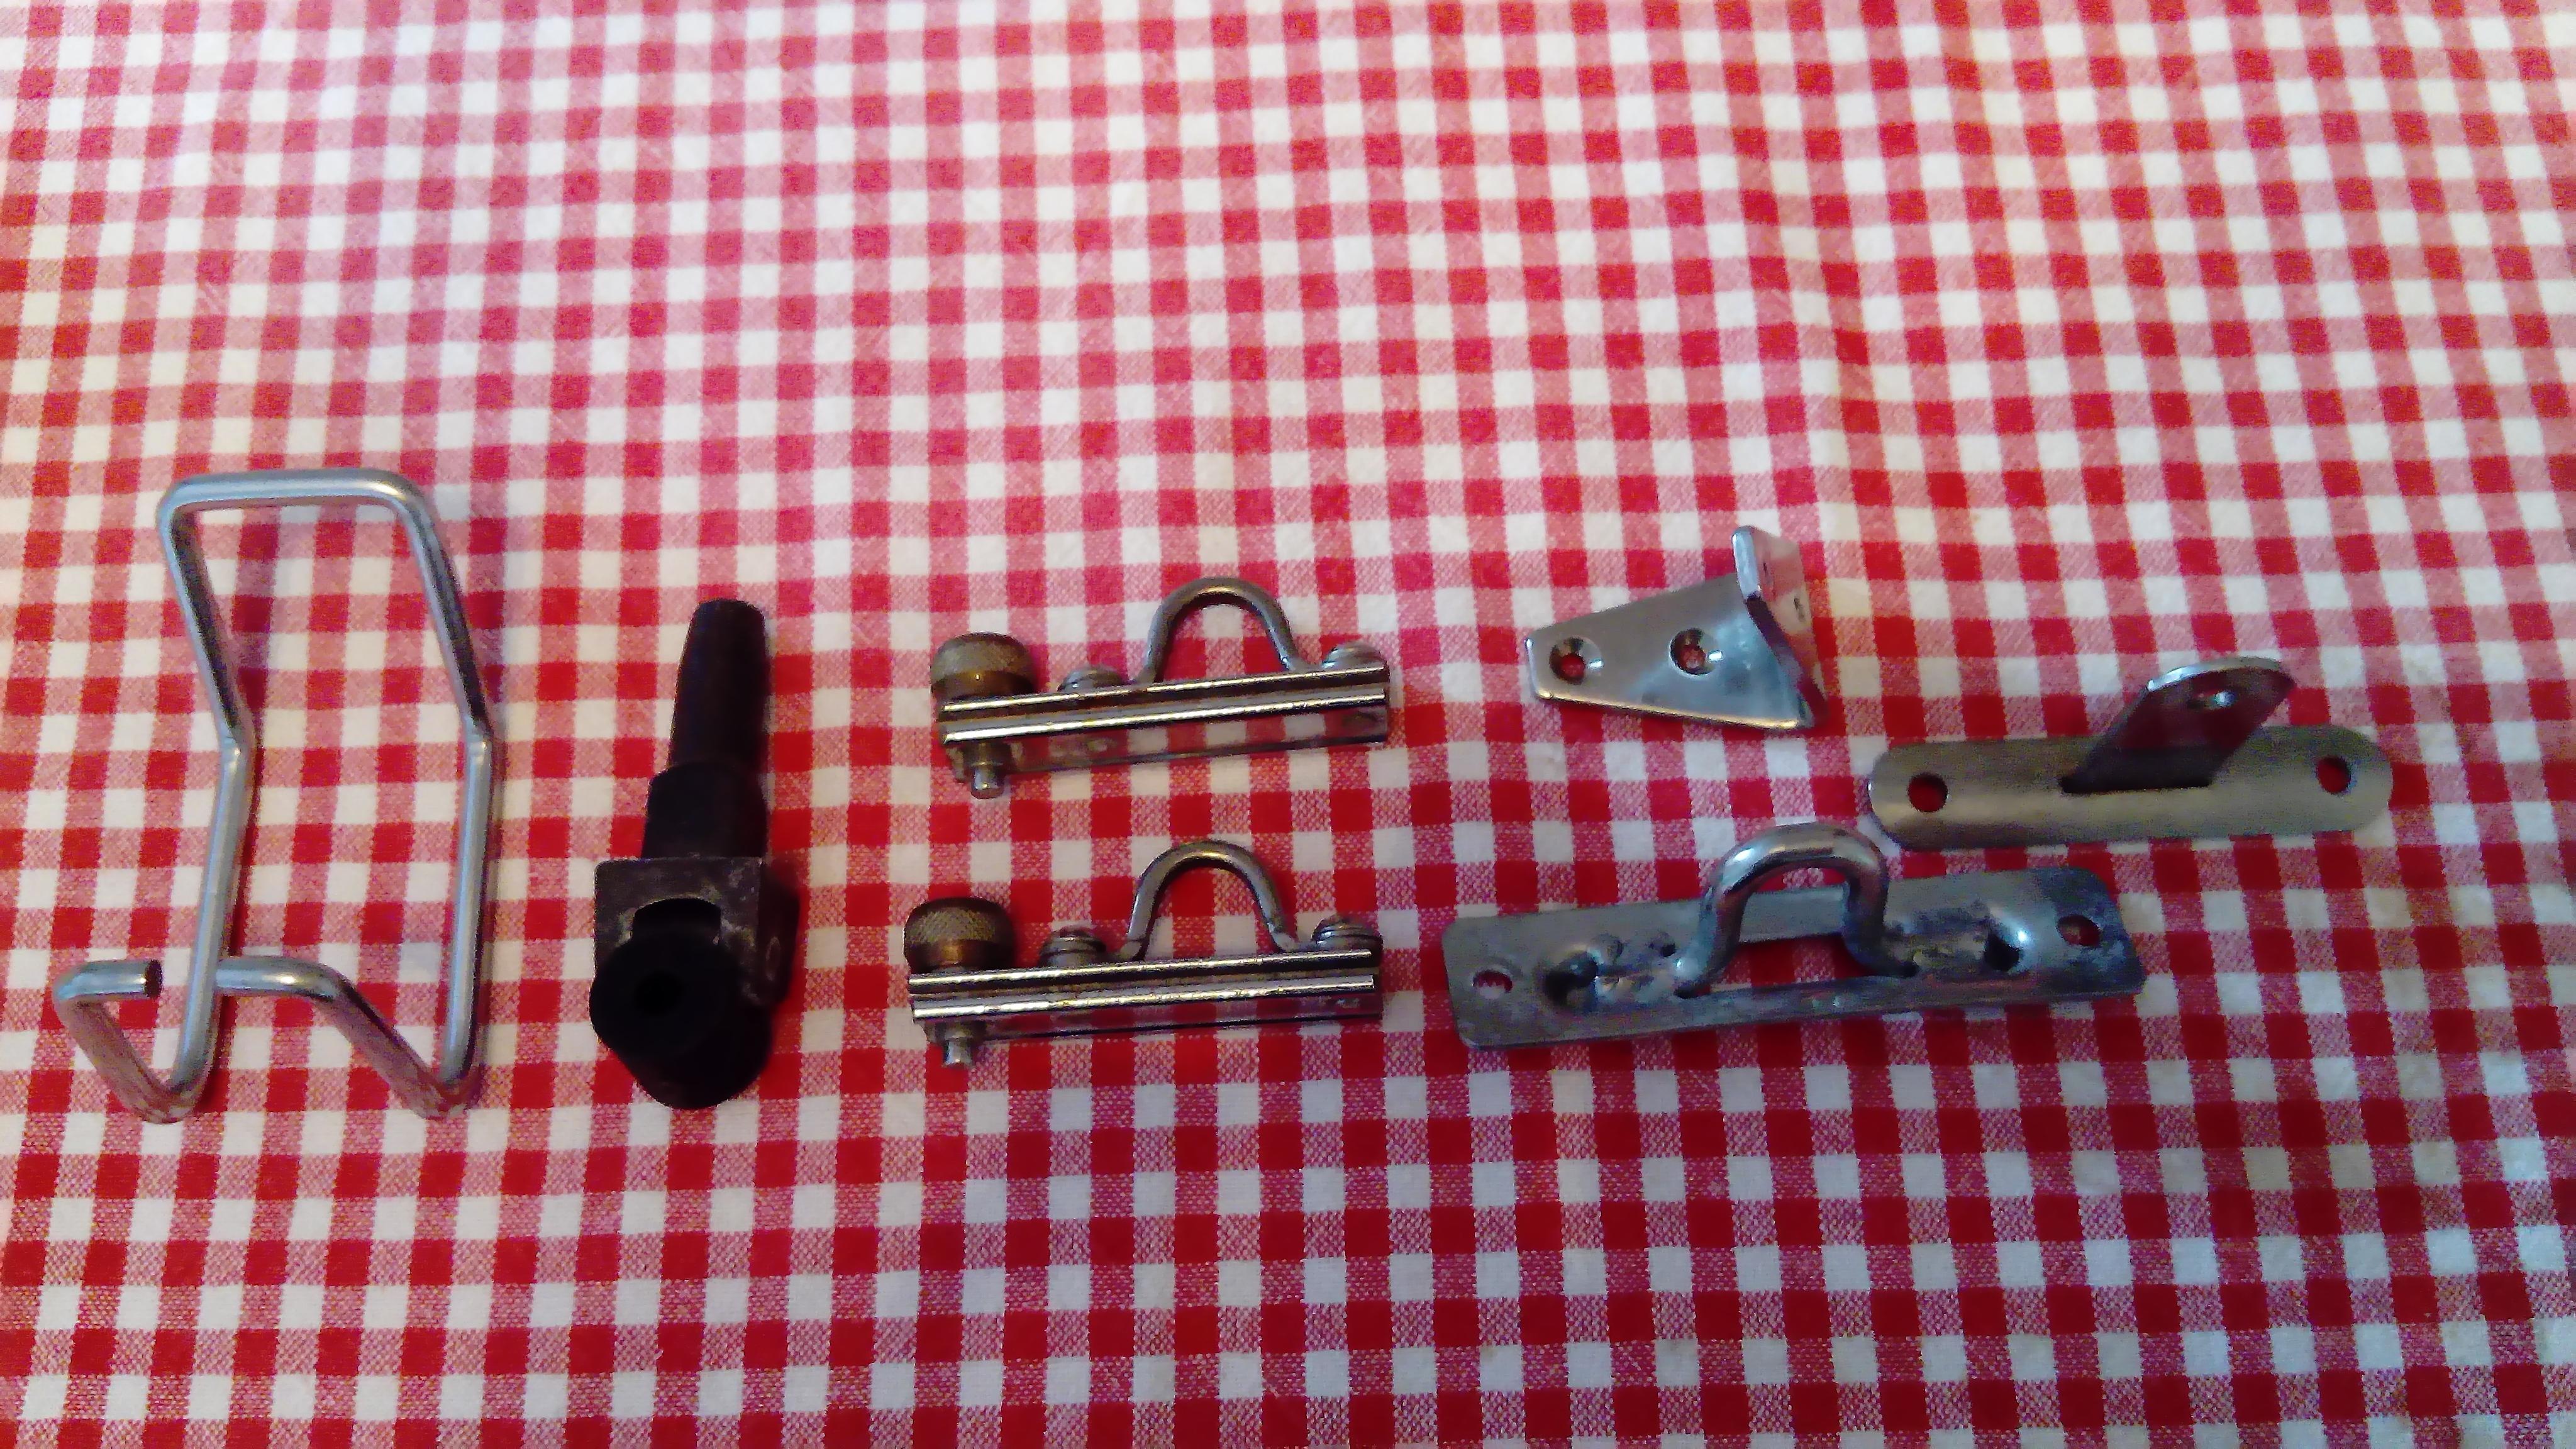 Diverses ferrures inox + 2 coulisseaux à pistons 19 mm rail en U Ronstan